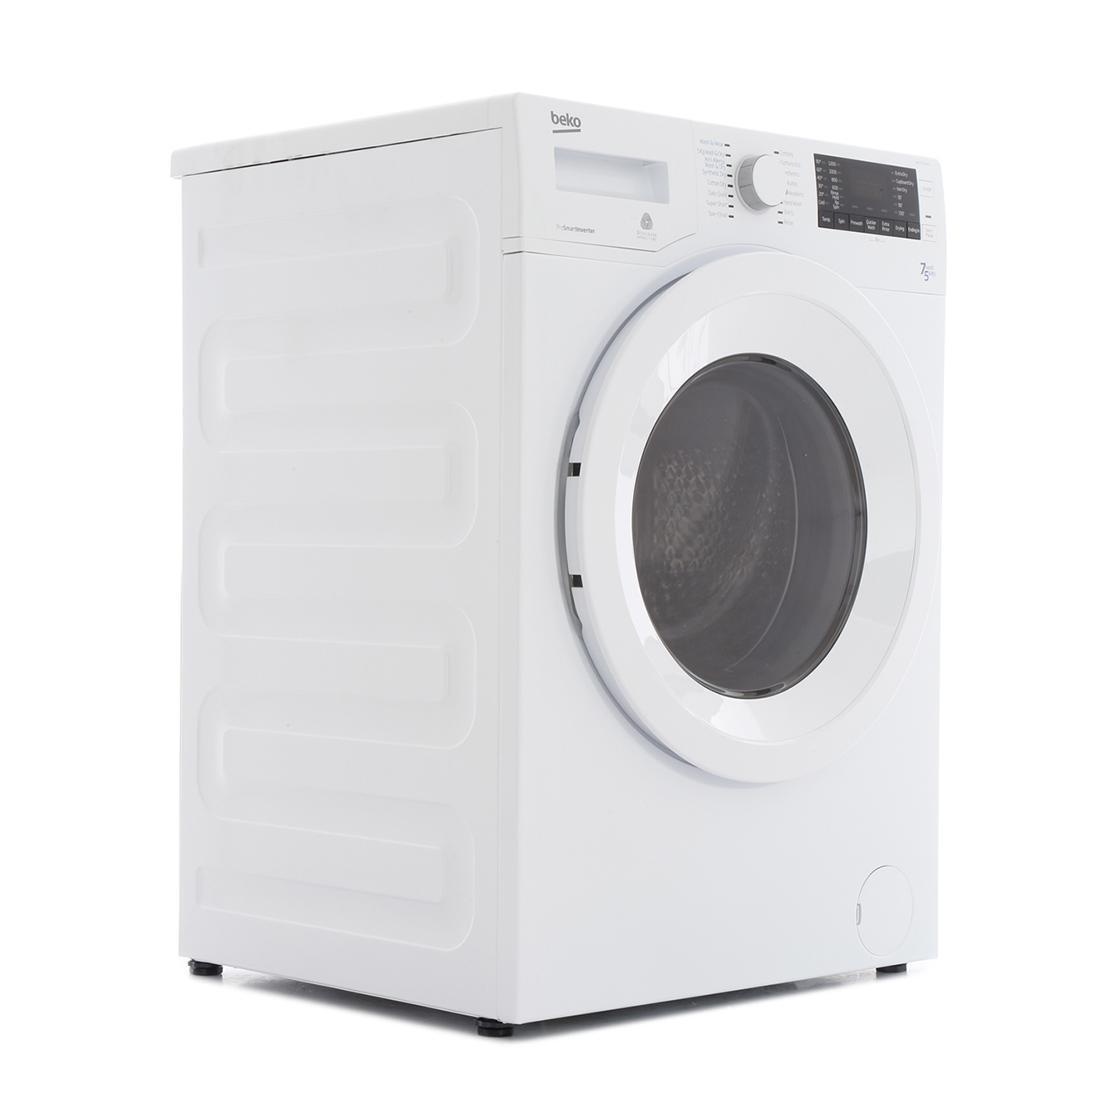 Buy Beko WDC7523002W Washer Dryer - White | Marks Electrical